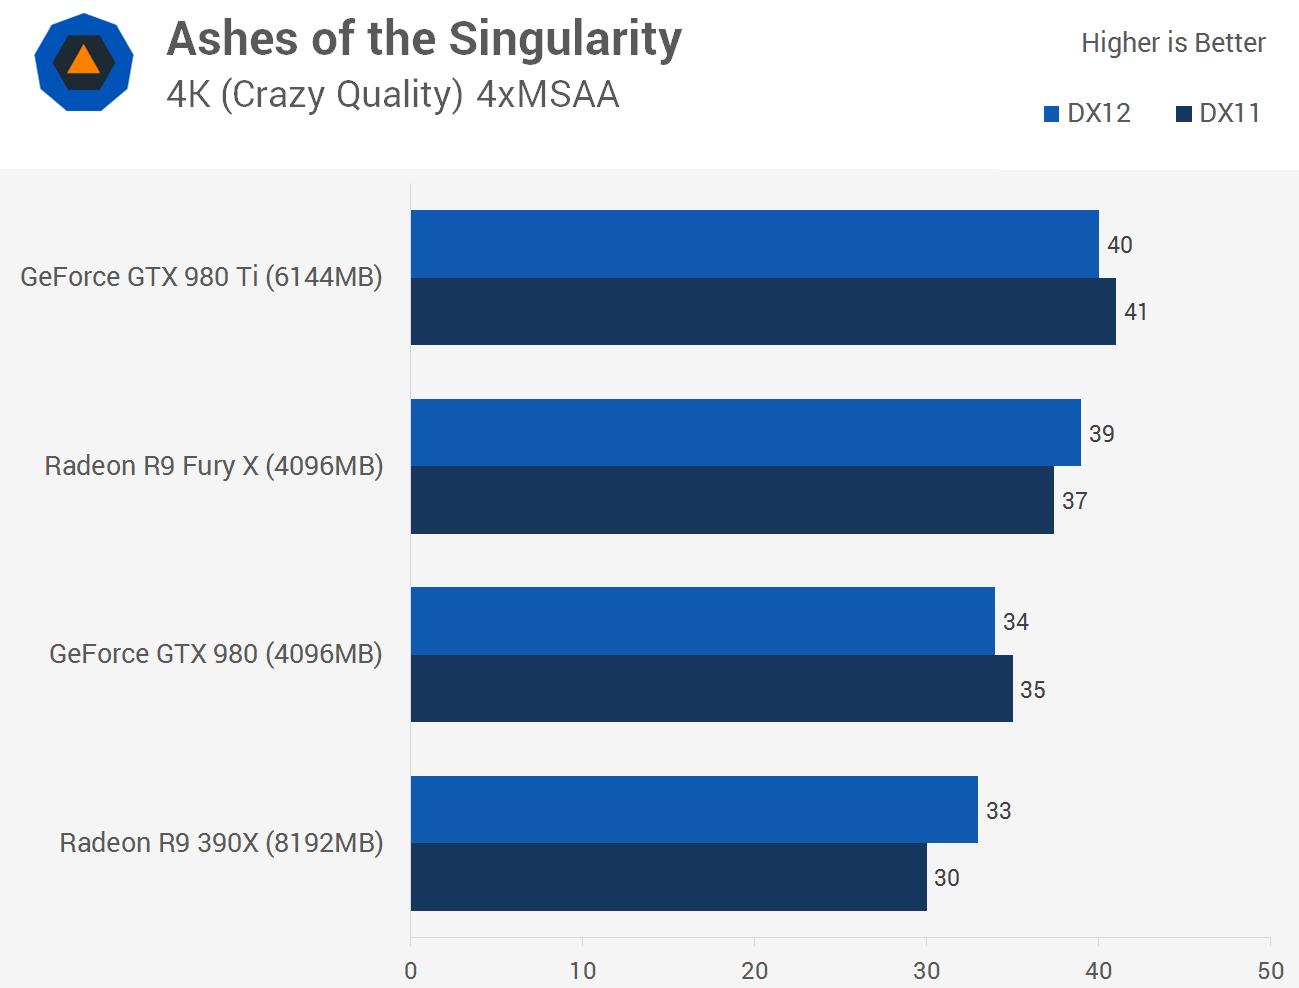 بنچمارک Ashes of the Singularity با دایرکت ایکس 11 و 12، عملکرد انویدیا در برابر ایامدی